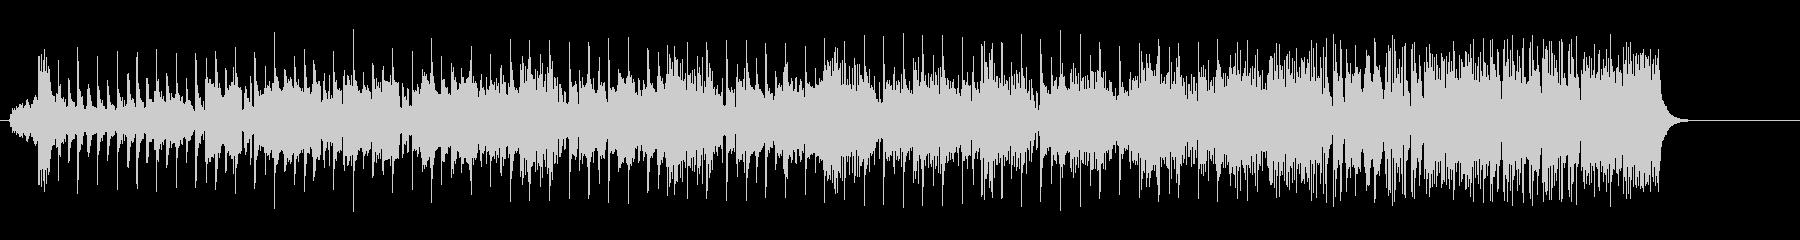 打撃系サウンドのエレクトリック・ポップスの未再生の波形